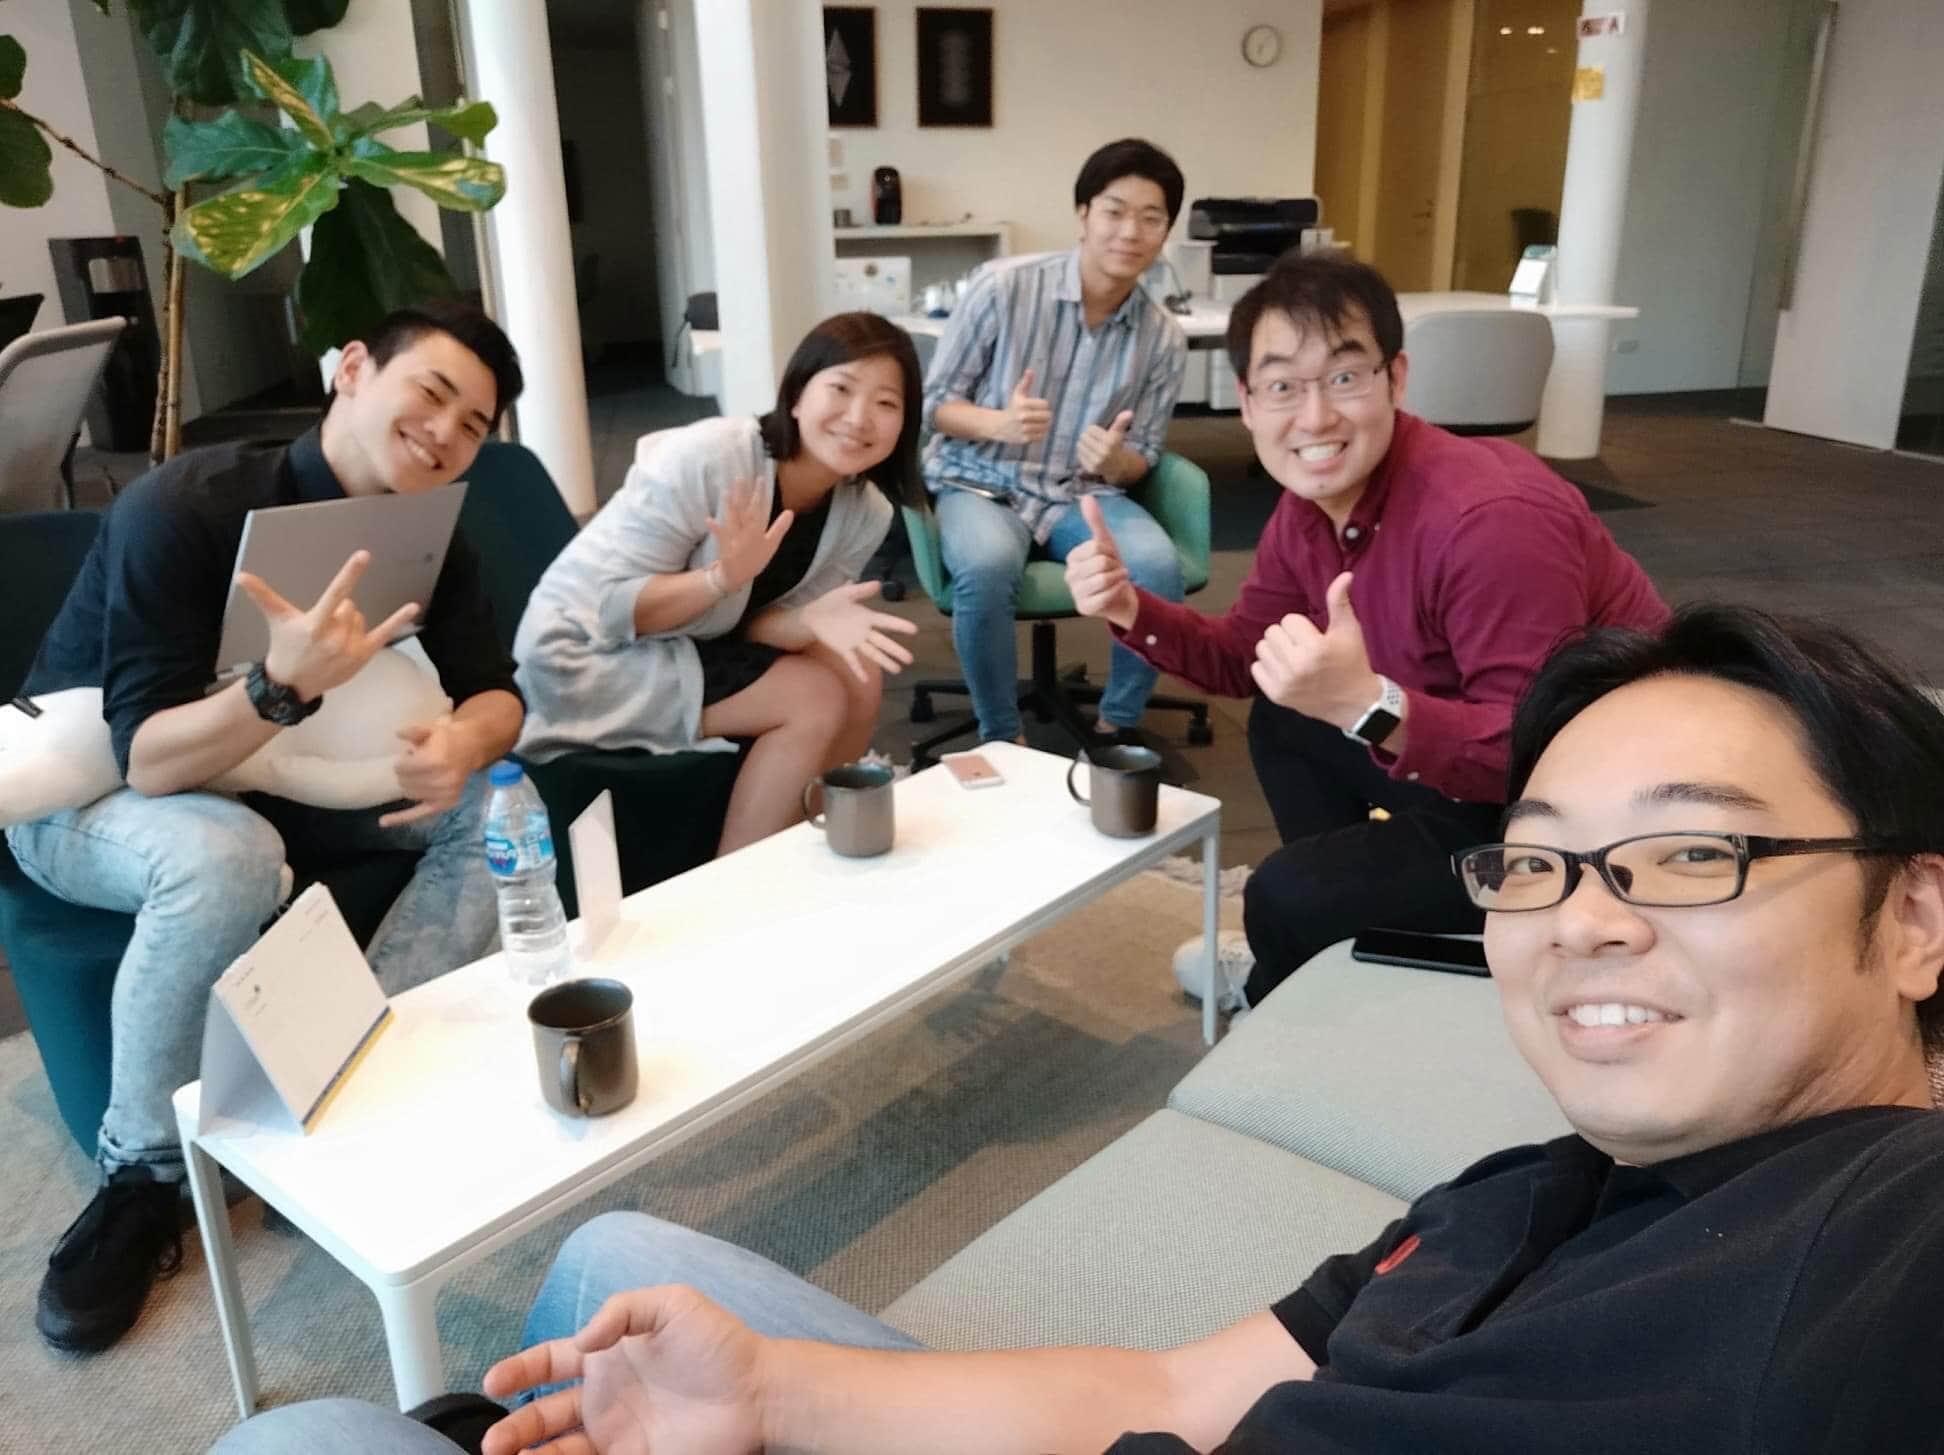 member_blog_6088_5d8c8c839f289.JPG